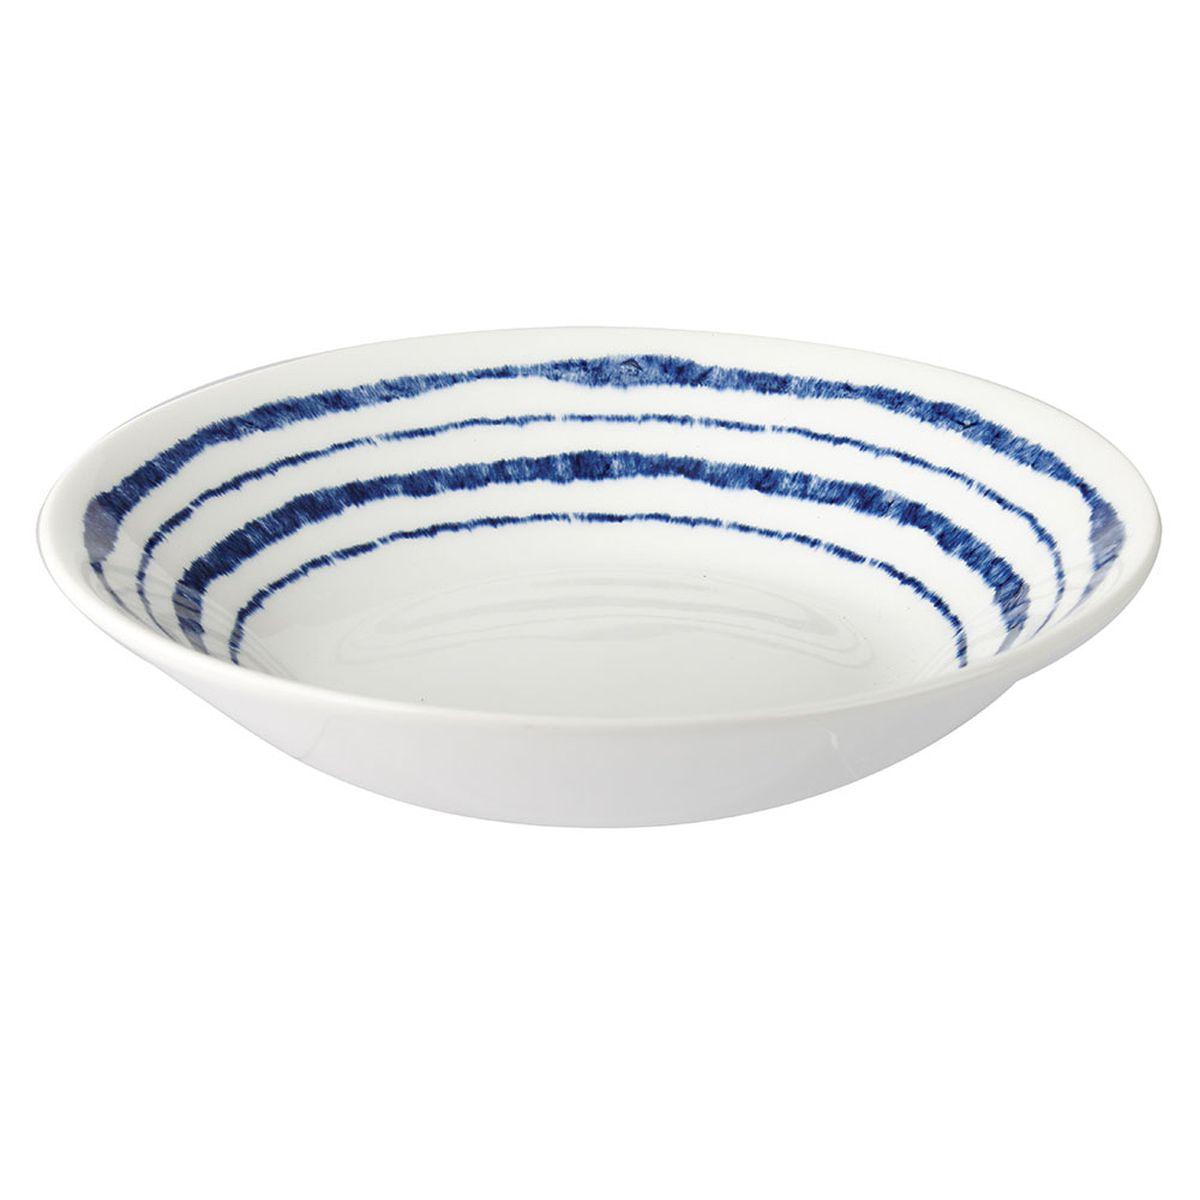 Тарелка суповая Churchill Инки, диаметр 15,5 см. INKI0011154 009312Суповая тарелка Churchill Инки выполнена из высококачественного фаянса. Изделие сочетает в себе изысканный дизайн с максимальной функциональностью. Тарелка прекрасно впишется в интерьер вашей кухни и станет достойным дополнением к кухонному инвентарю. Суповая тарелка Churchill Инки подчеркнет прекрасный вкус хозяйки и станет отличным подарком.Можно мыть в посудомоечной машине и использовать в микроволновой печи.Диаметр тарелки (по верхнему краю): 15,5 см.